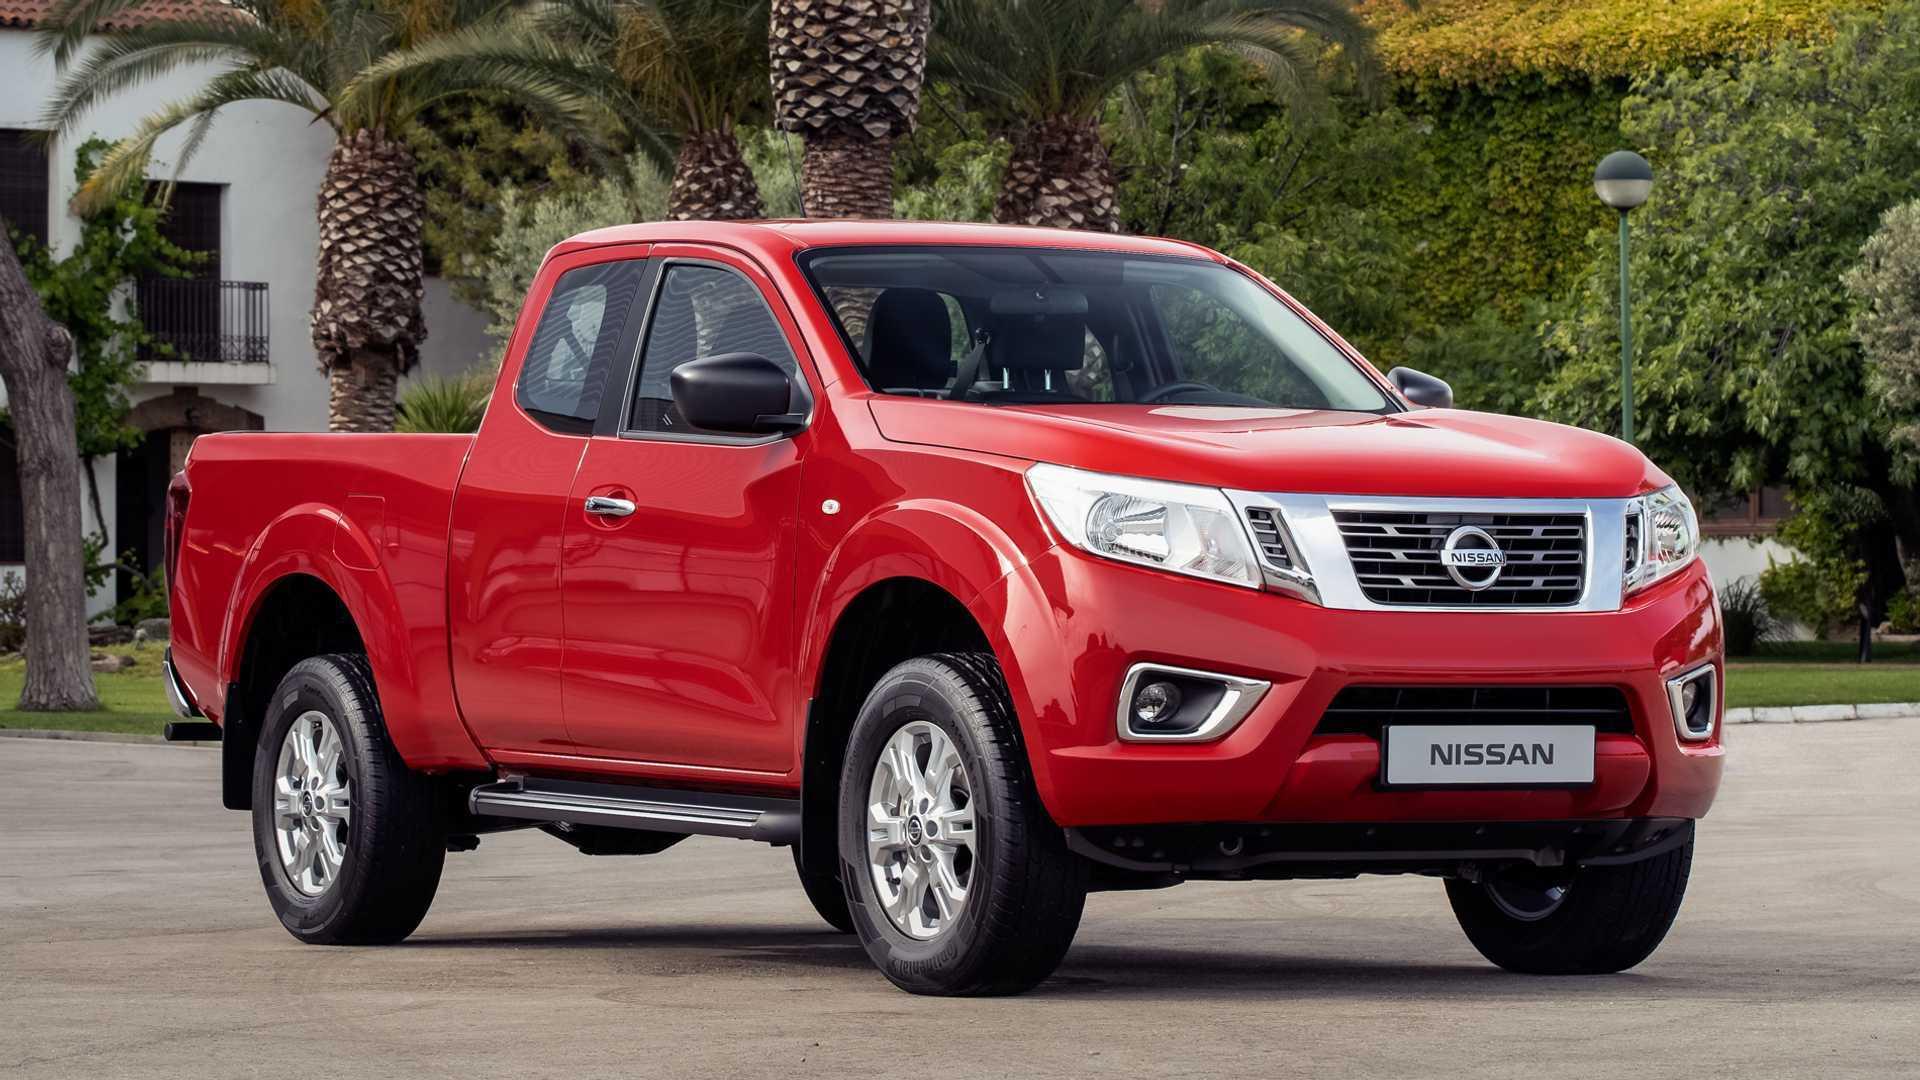 2020 Nissan Navara Prices